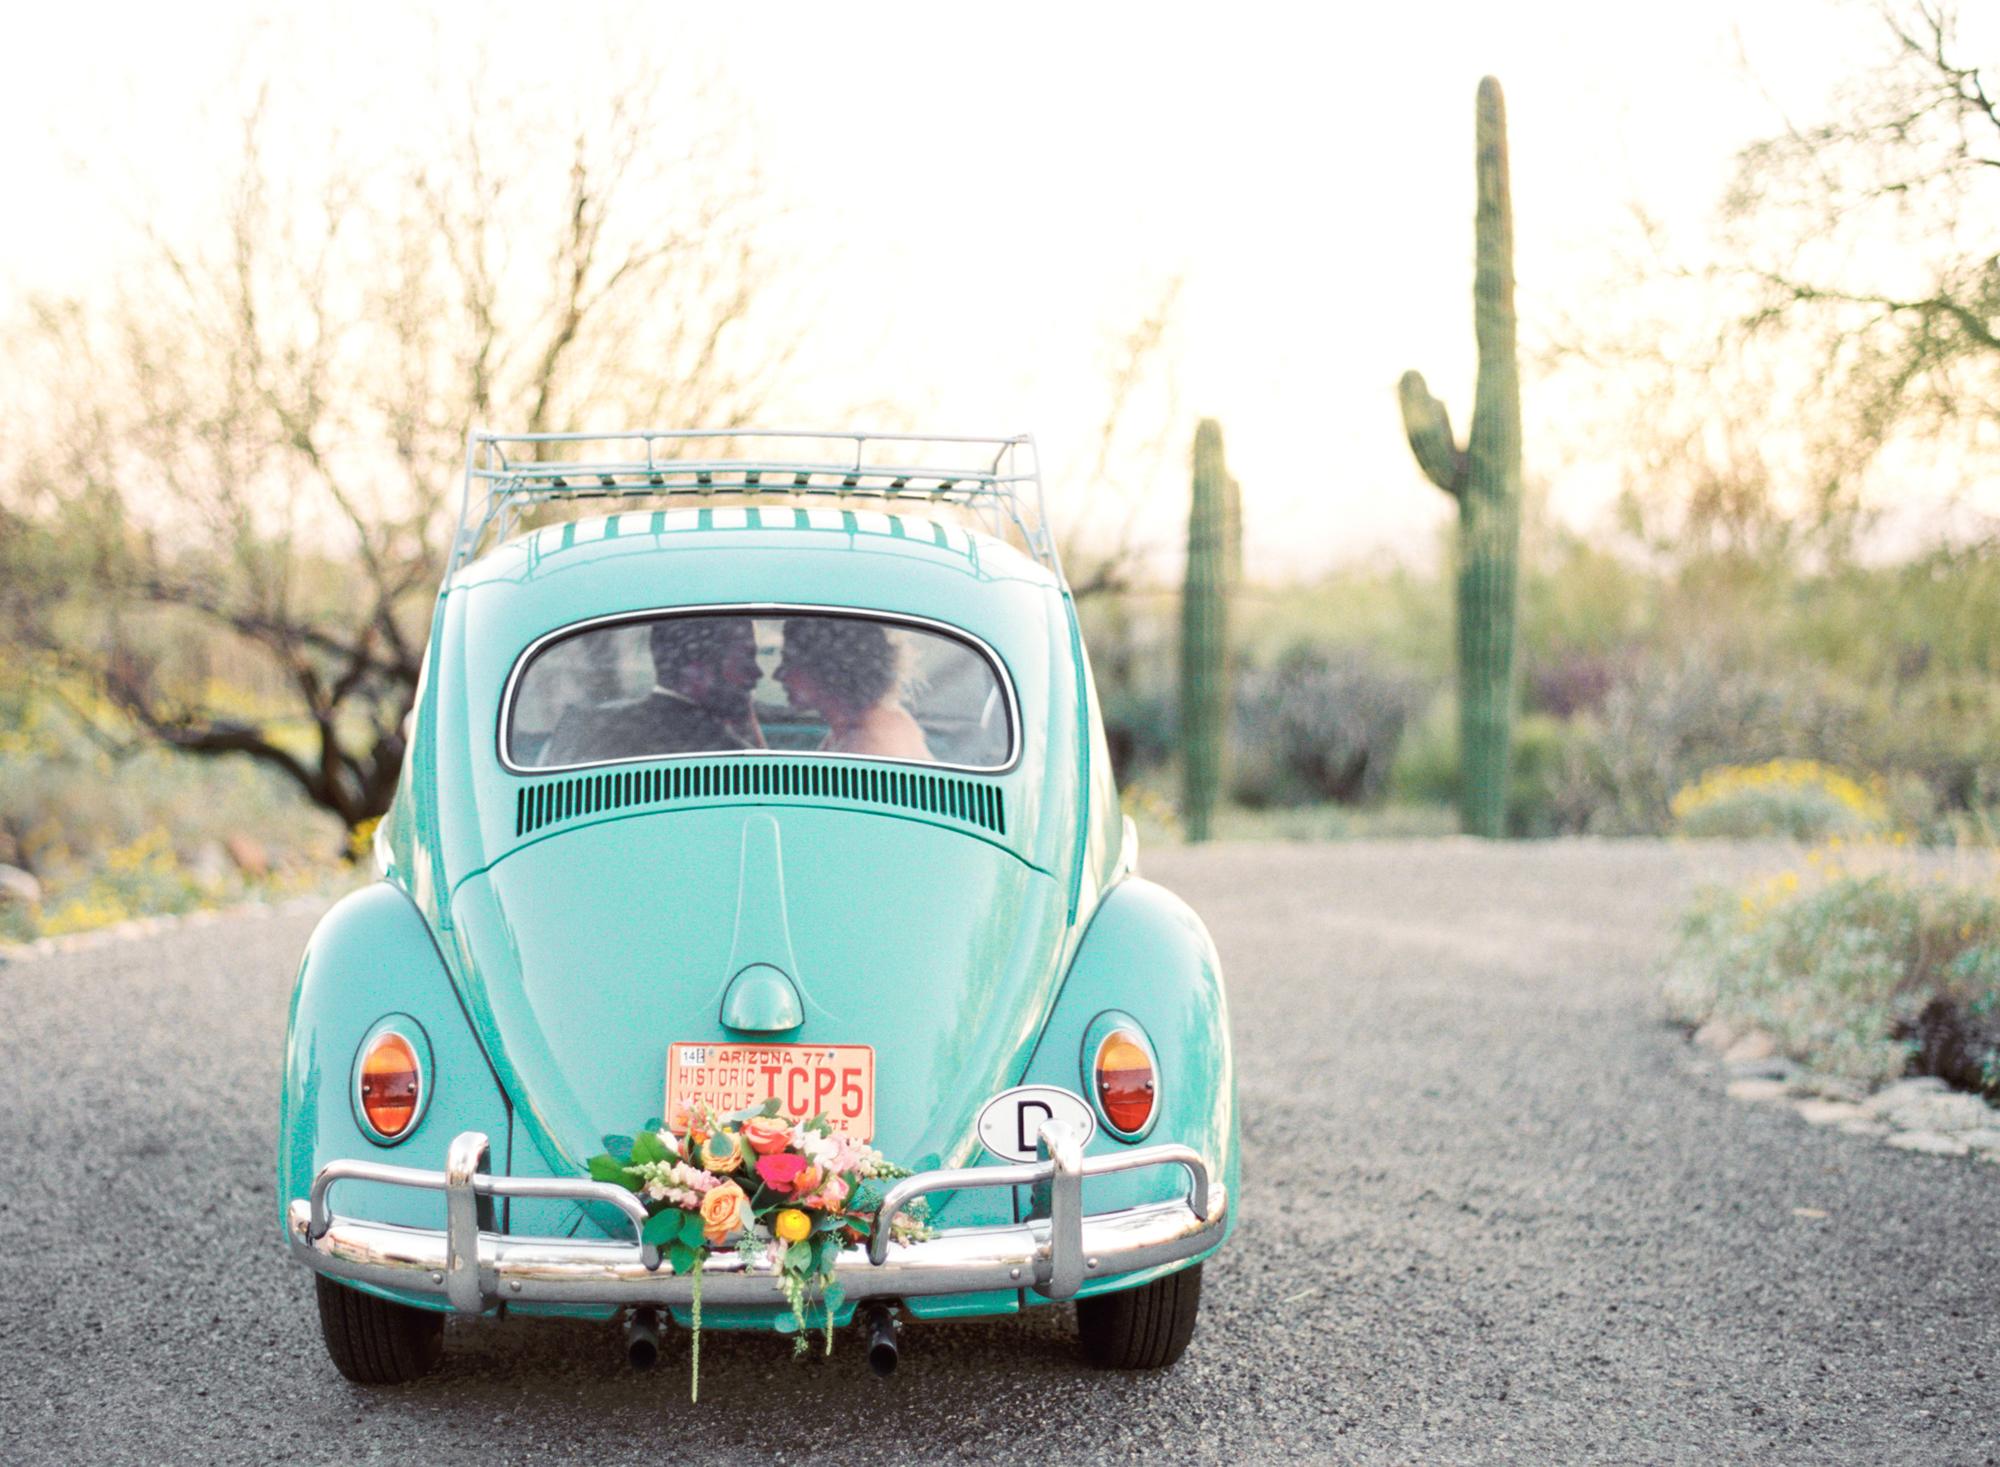 Teal volkswagen beetle